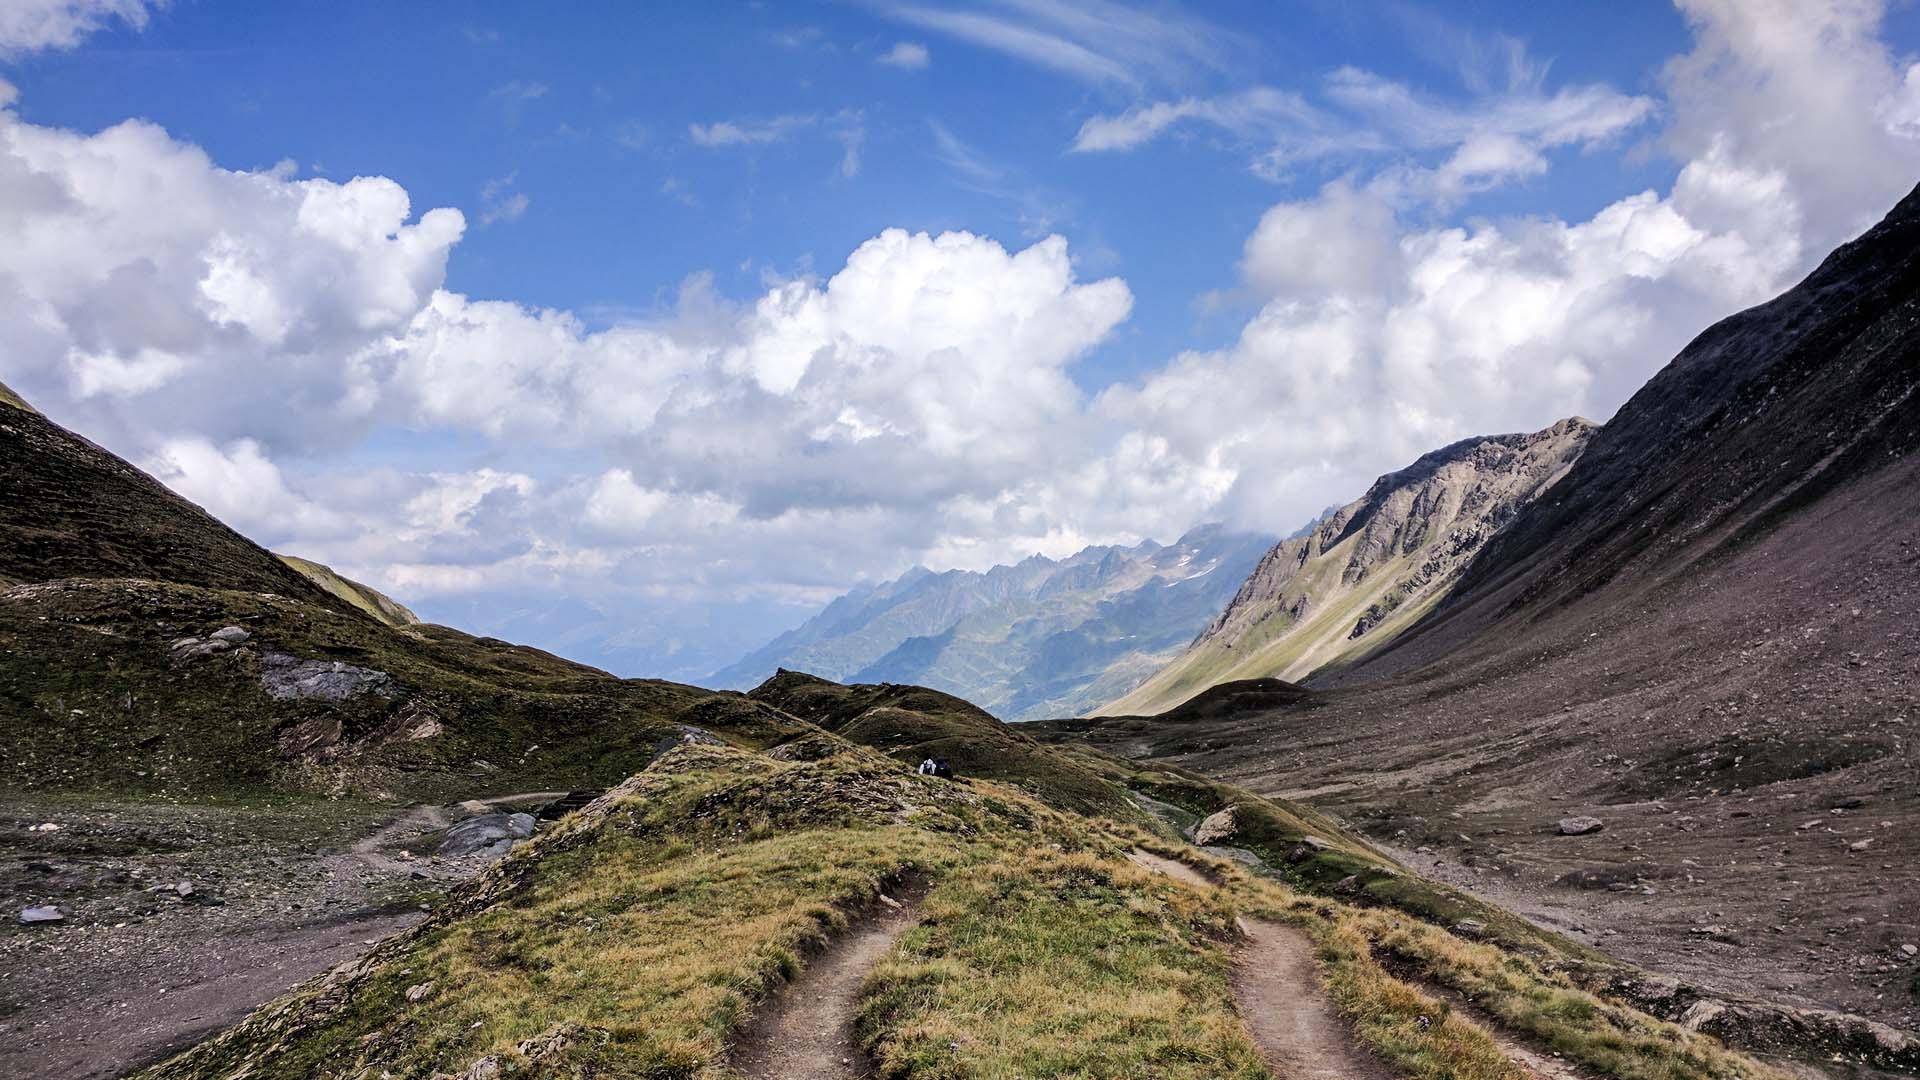 Svizzera - Val Formazza, itinerarium